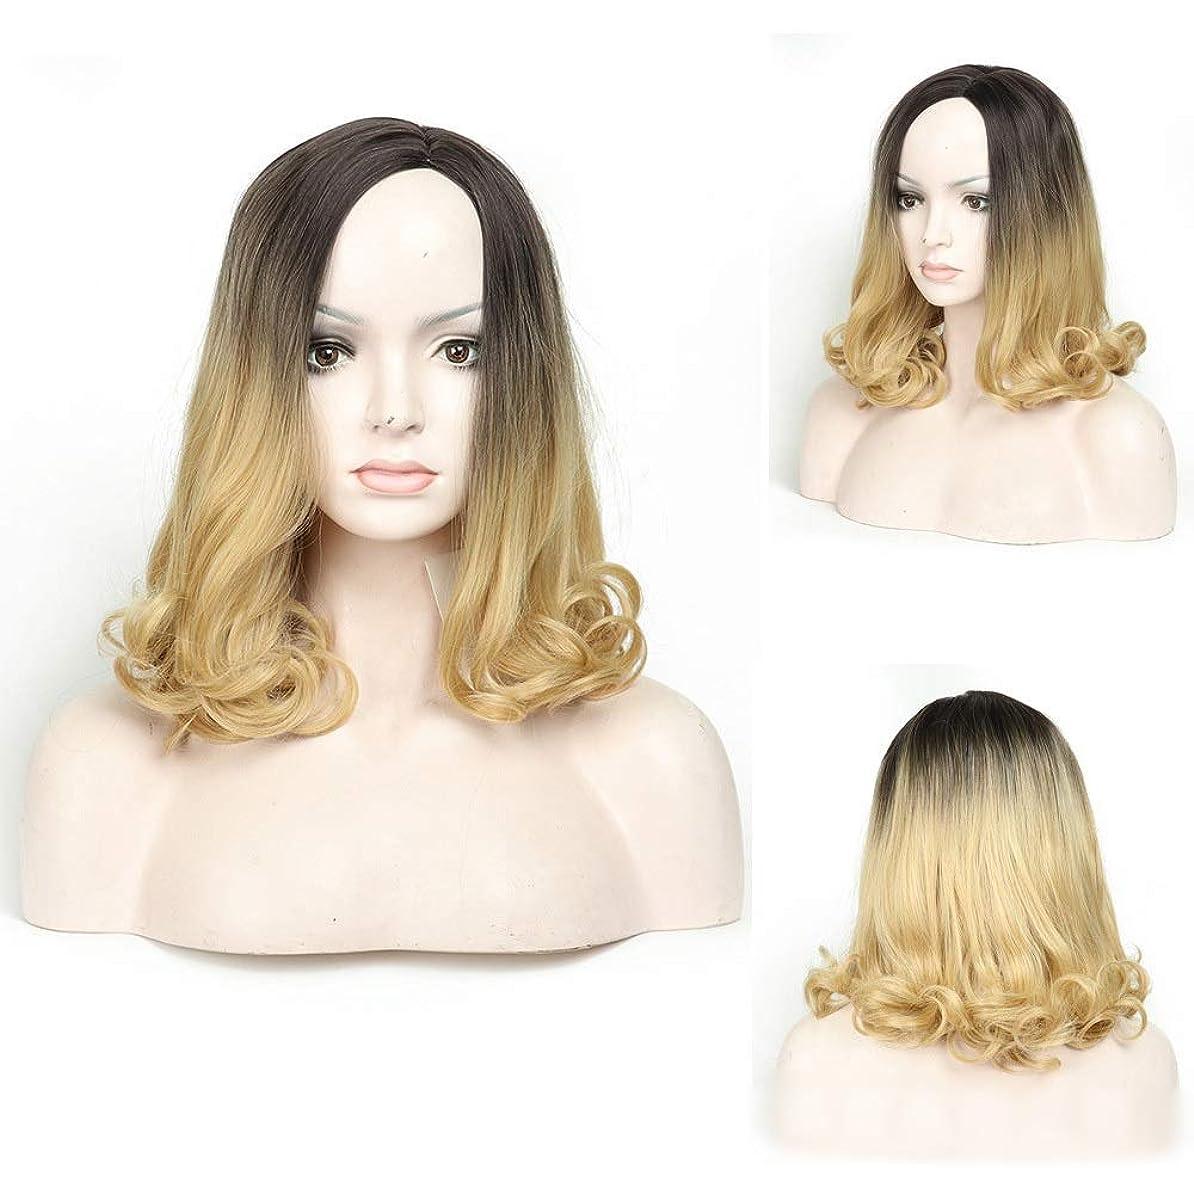 くるみ舌なジョガーBOBIDYEE 肩の長さの実体波かつらファッション黒ルーズグラデーションブロンドナチュラルカーリーウィッグ女性のための毎日のコスプレドレスパーティーかつら (Color : Blonde, サイズ : 14 inch)